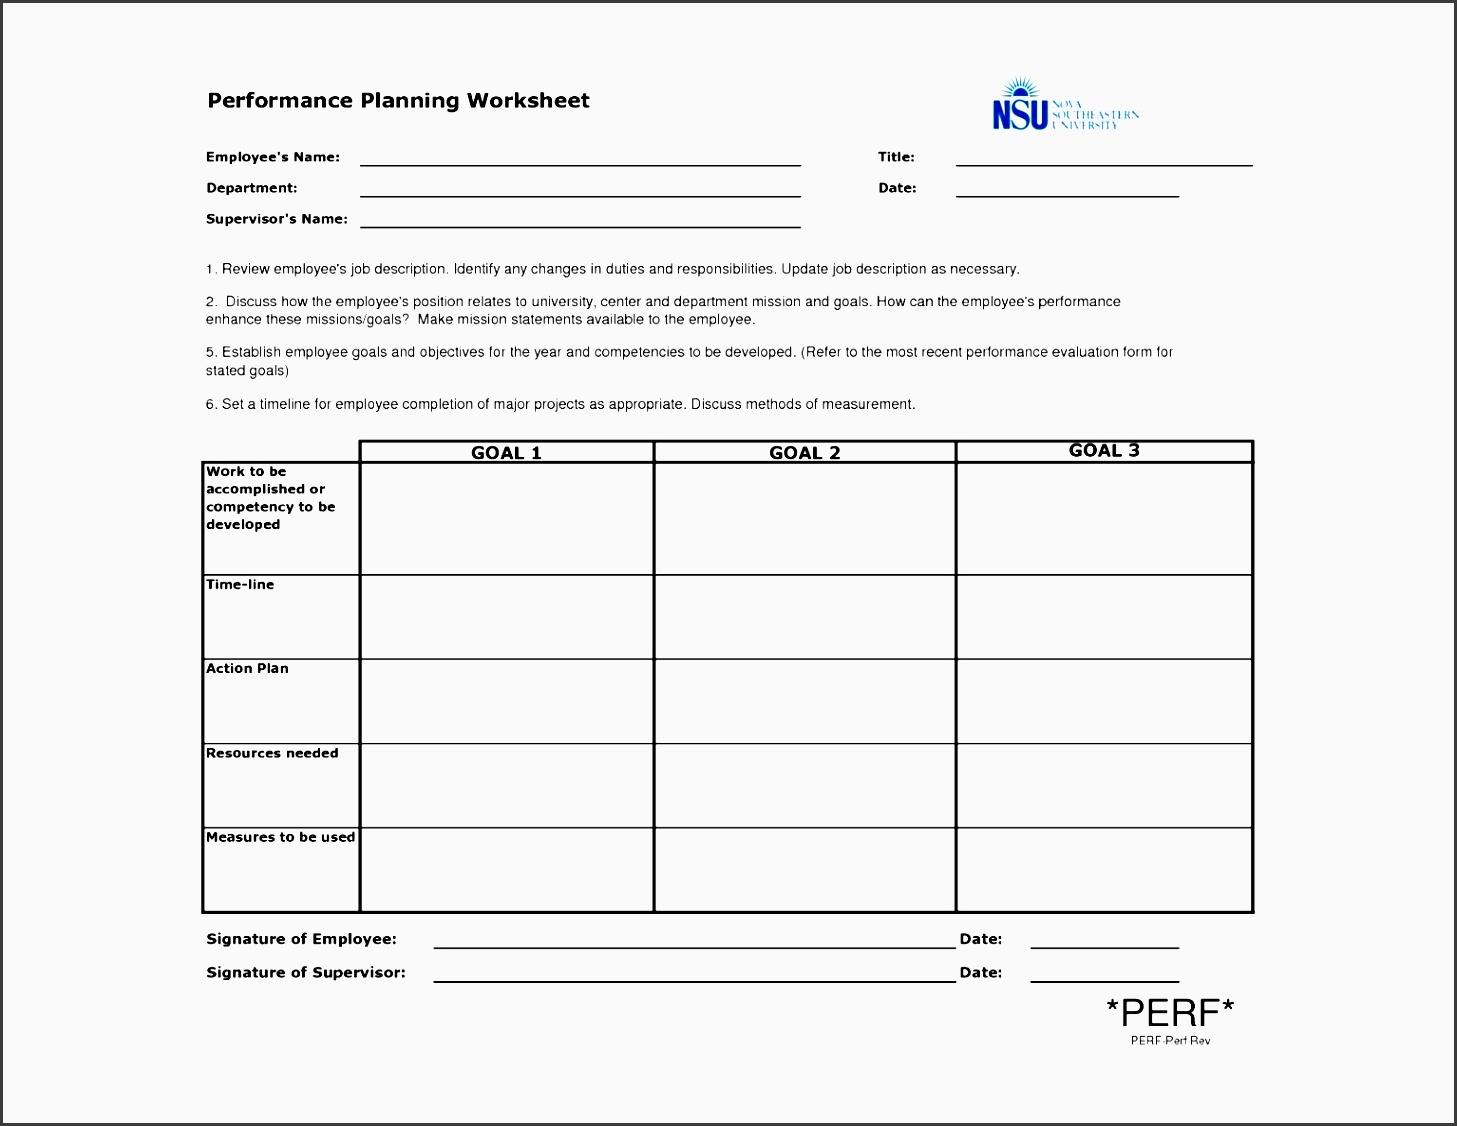 performance improvement plan worksheet ykvhl beautiful best s of performance improvement plan worksheet performance improvement action